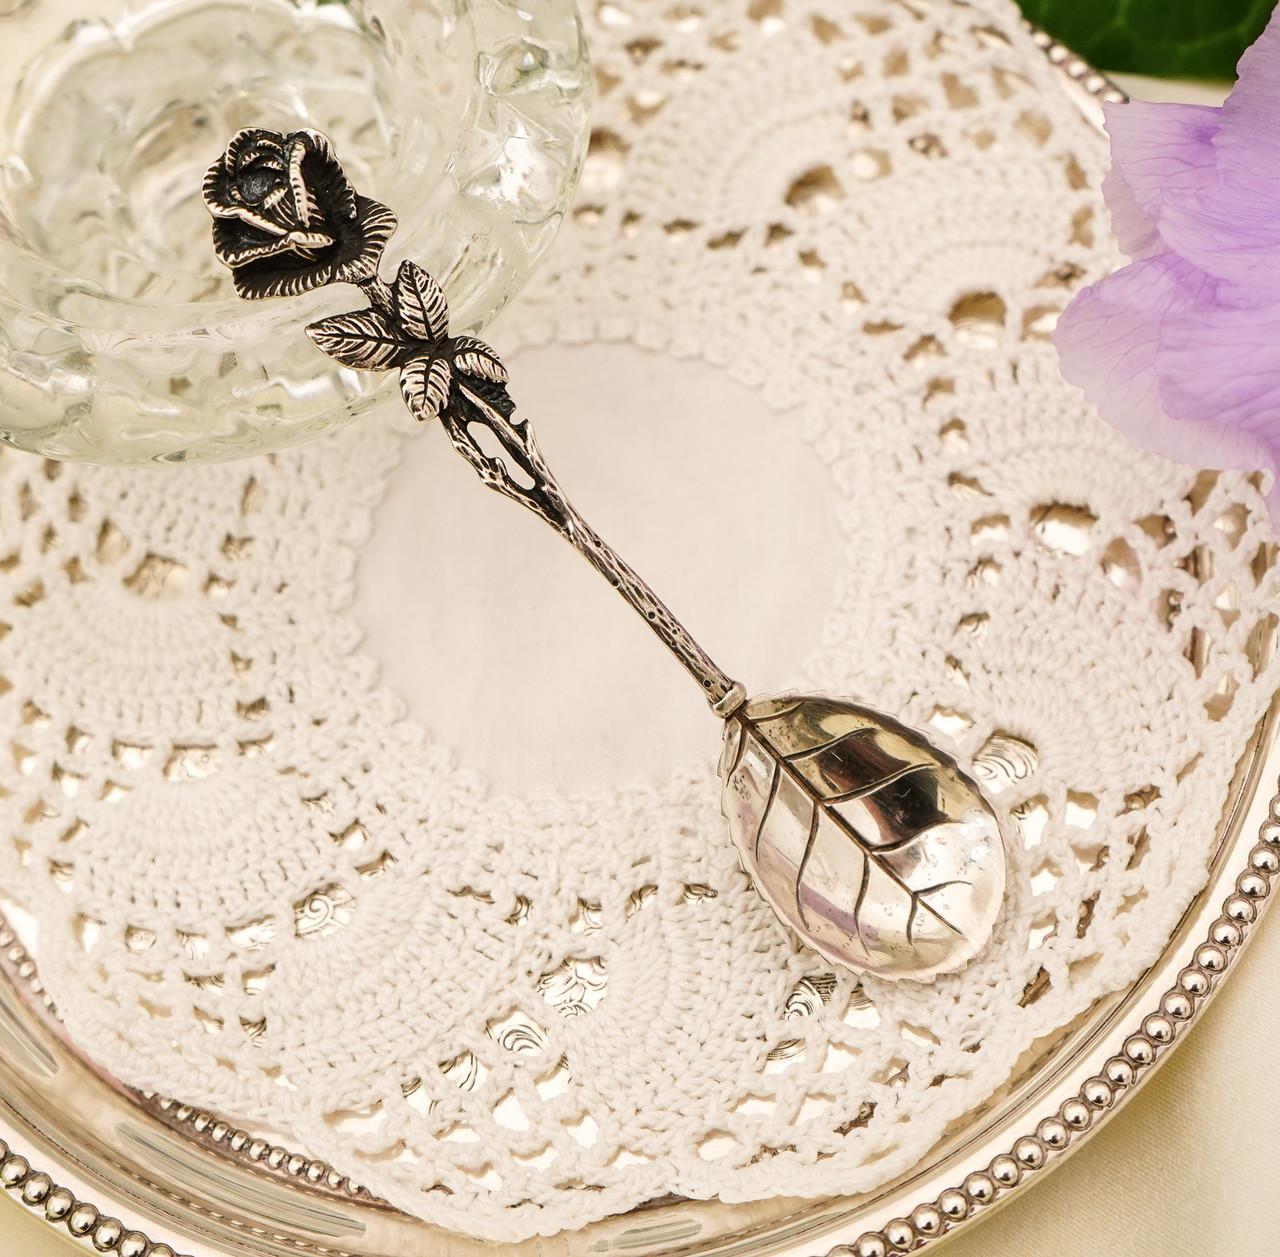 Серебряная ложка для сахара в дизайне Хильдесхаймская Роза, серебро, 800 проба, Германия, Christoph Widmann